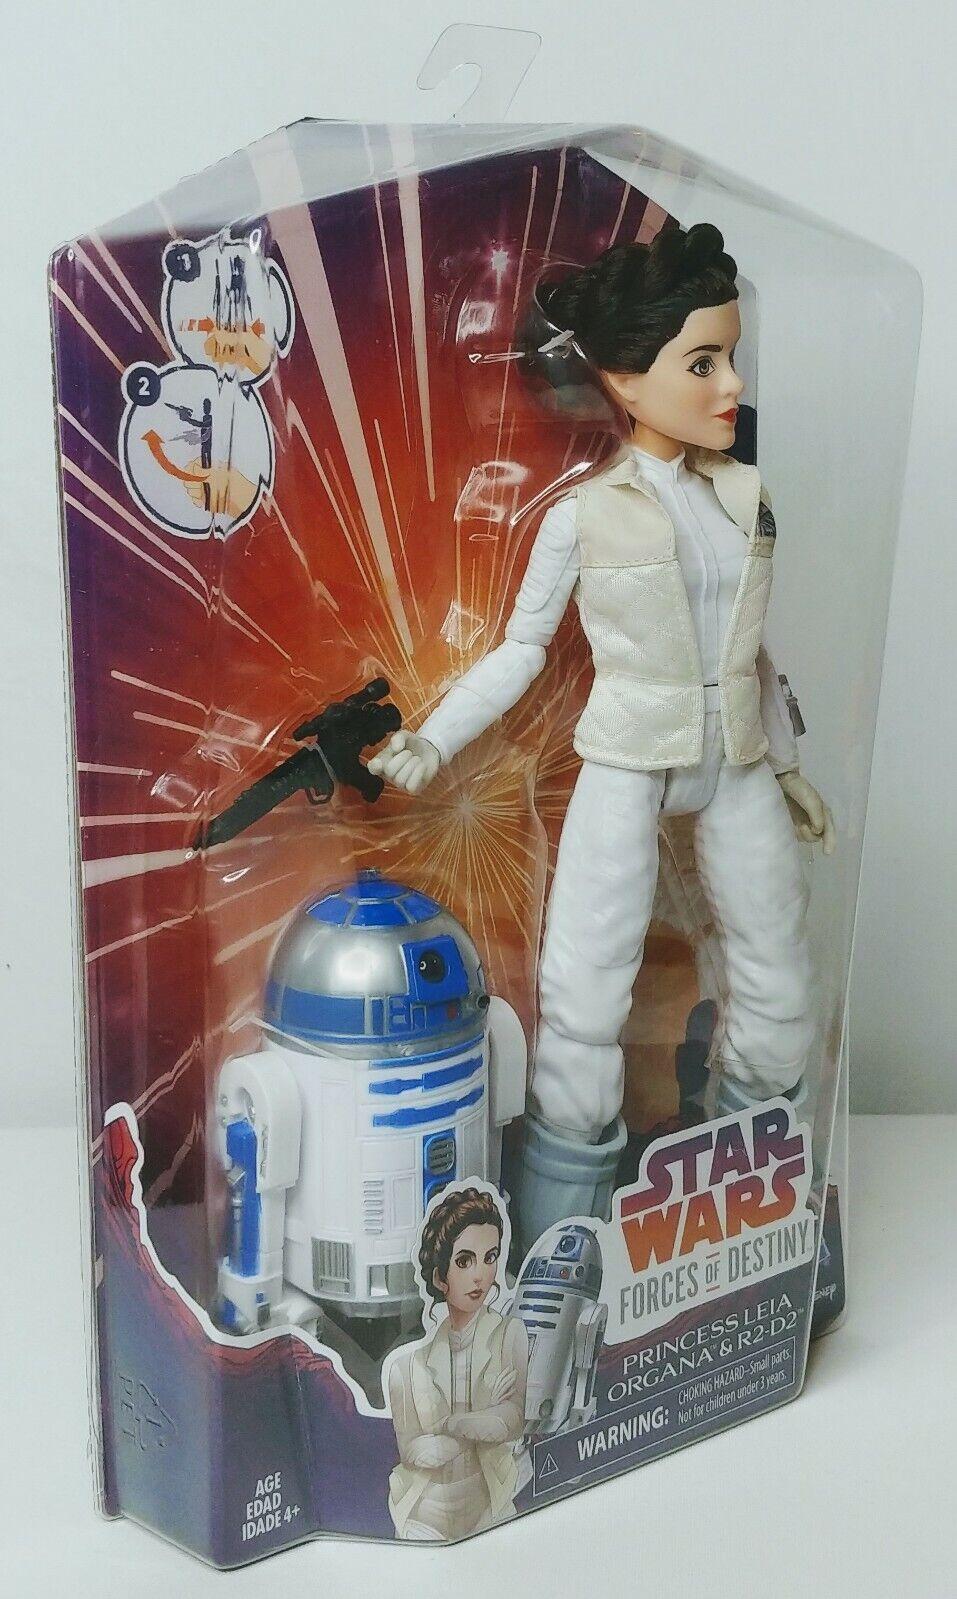 Star Wars Forces of Destiny  11    PRINCESS LEIA & R2-D2 ACTION FIGURE DOLL SET c19489